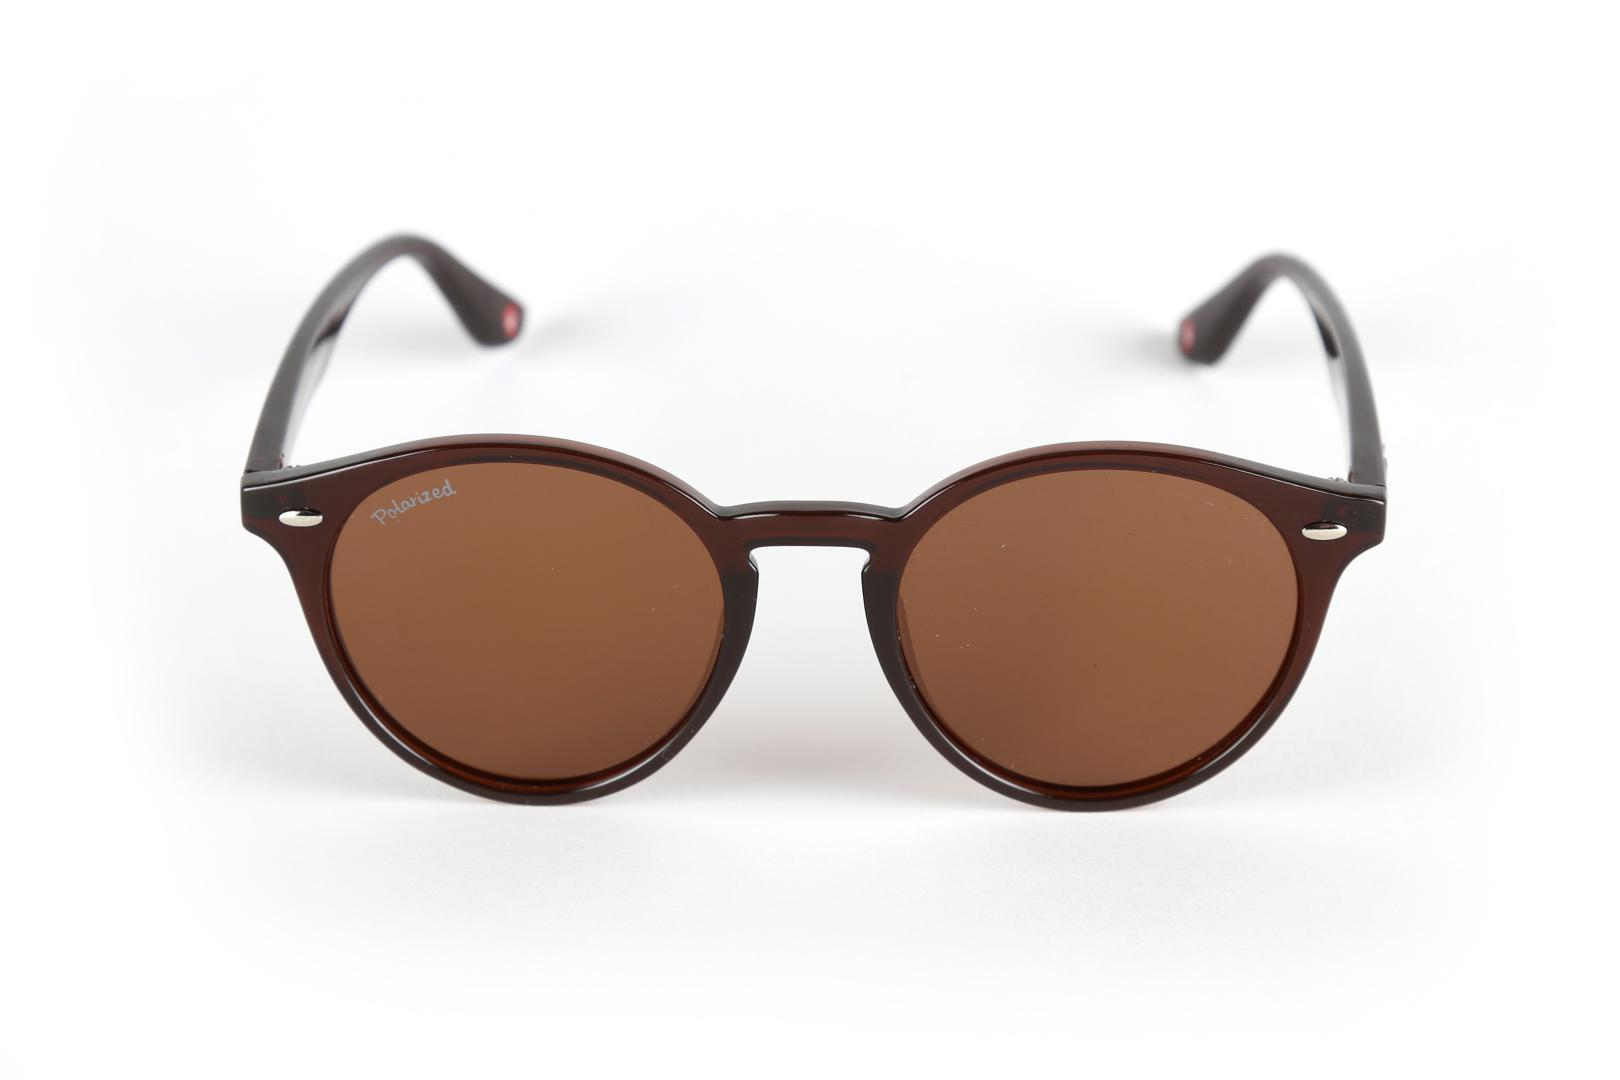 Montana Eyewear MP20-Blau-Schwarz EARx5TtGr